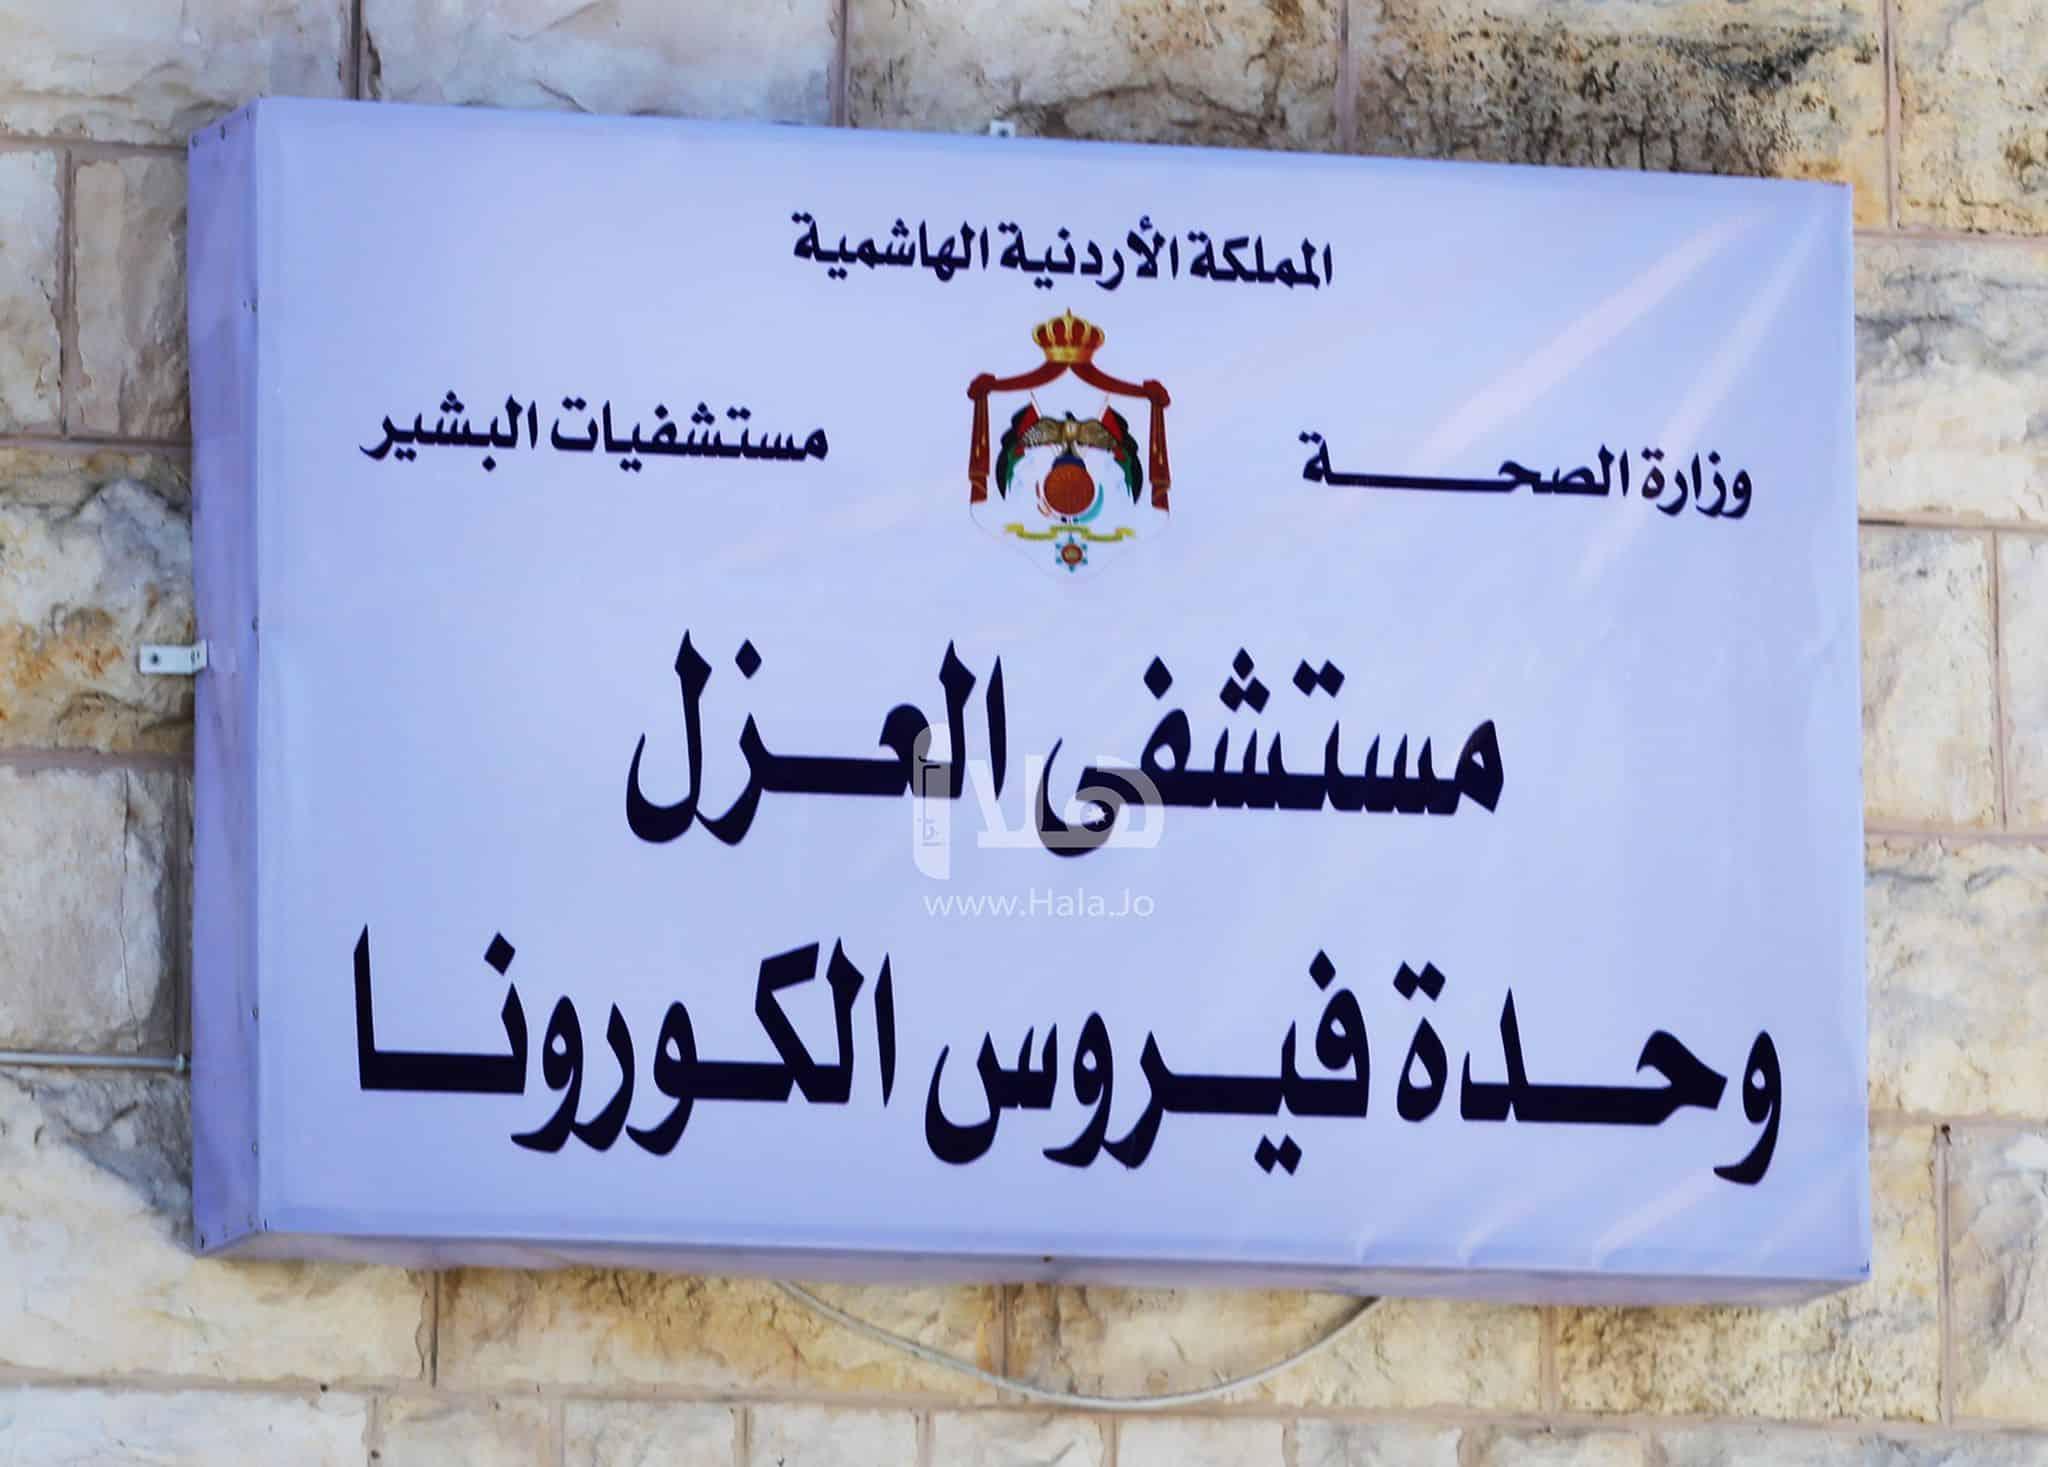 فيديو صادم.. الحجر الصحي من كورونا بمستشفى البشير بالأردن يتحوّل لمكان لشرب الخمور!